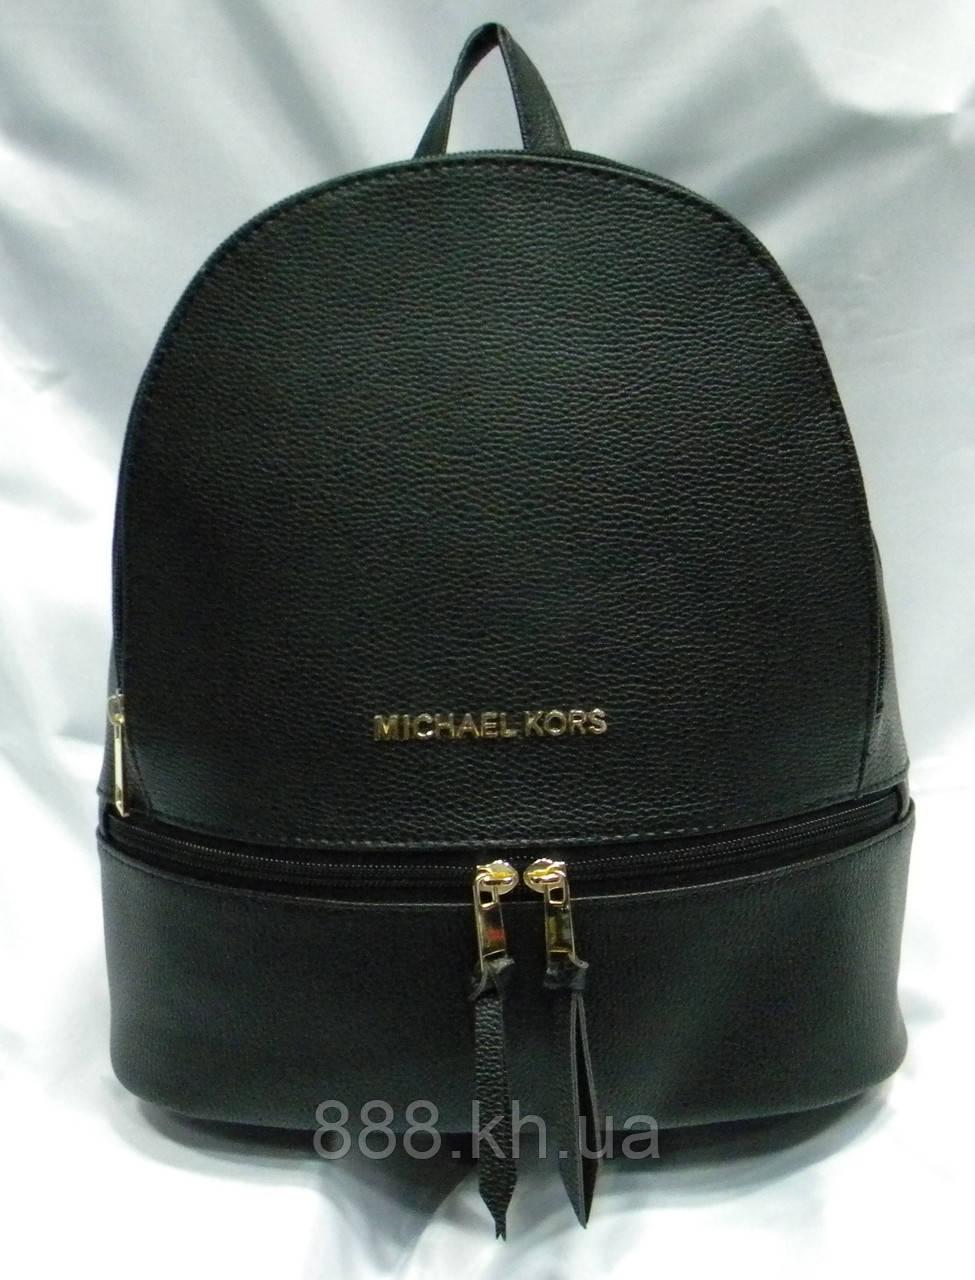 fe0b6ff0a137 Стильный кожаный женский рюкзак Michael Kors, рюкзак для девочки, городской  рюкзак черный не оригинал